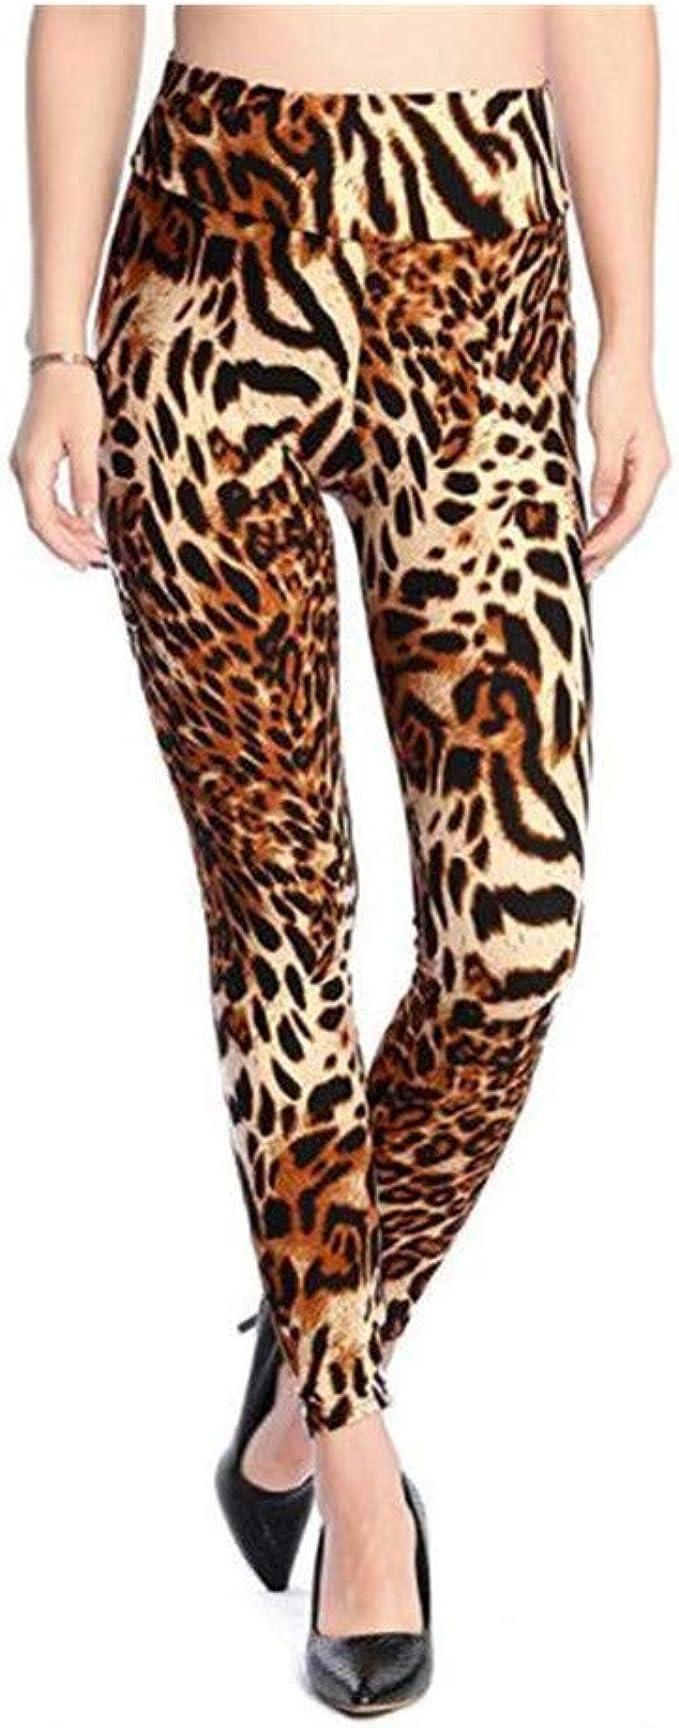 Ives Jean Leggings de mujer Leggings elásticos de cintura alta delgados Leggins con estampado de leopardo Pantalones de mujer Leggings de algodón: Amazon.es: Ropa y accesorios